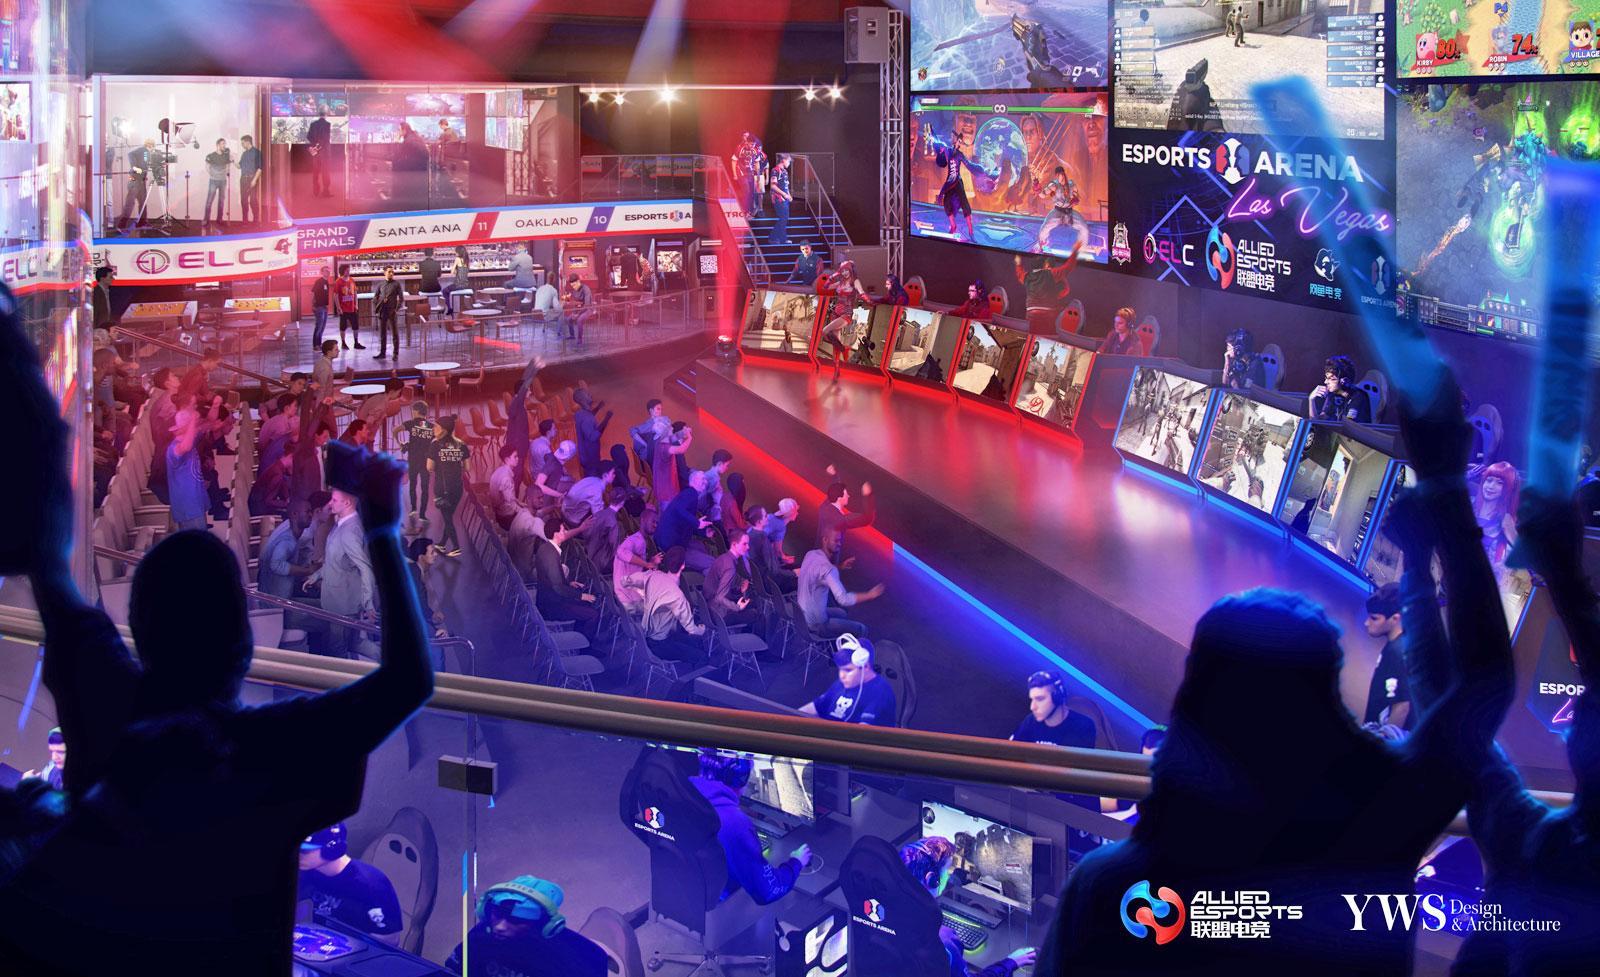 拉斯维加斯顶级酒店将把夜店改成电子竞技场揽客